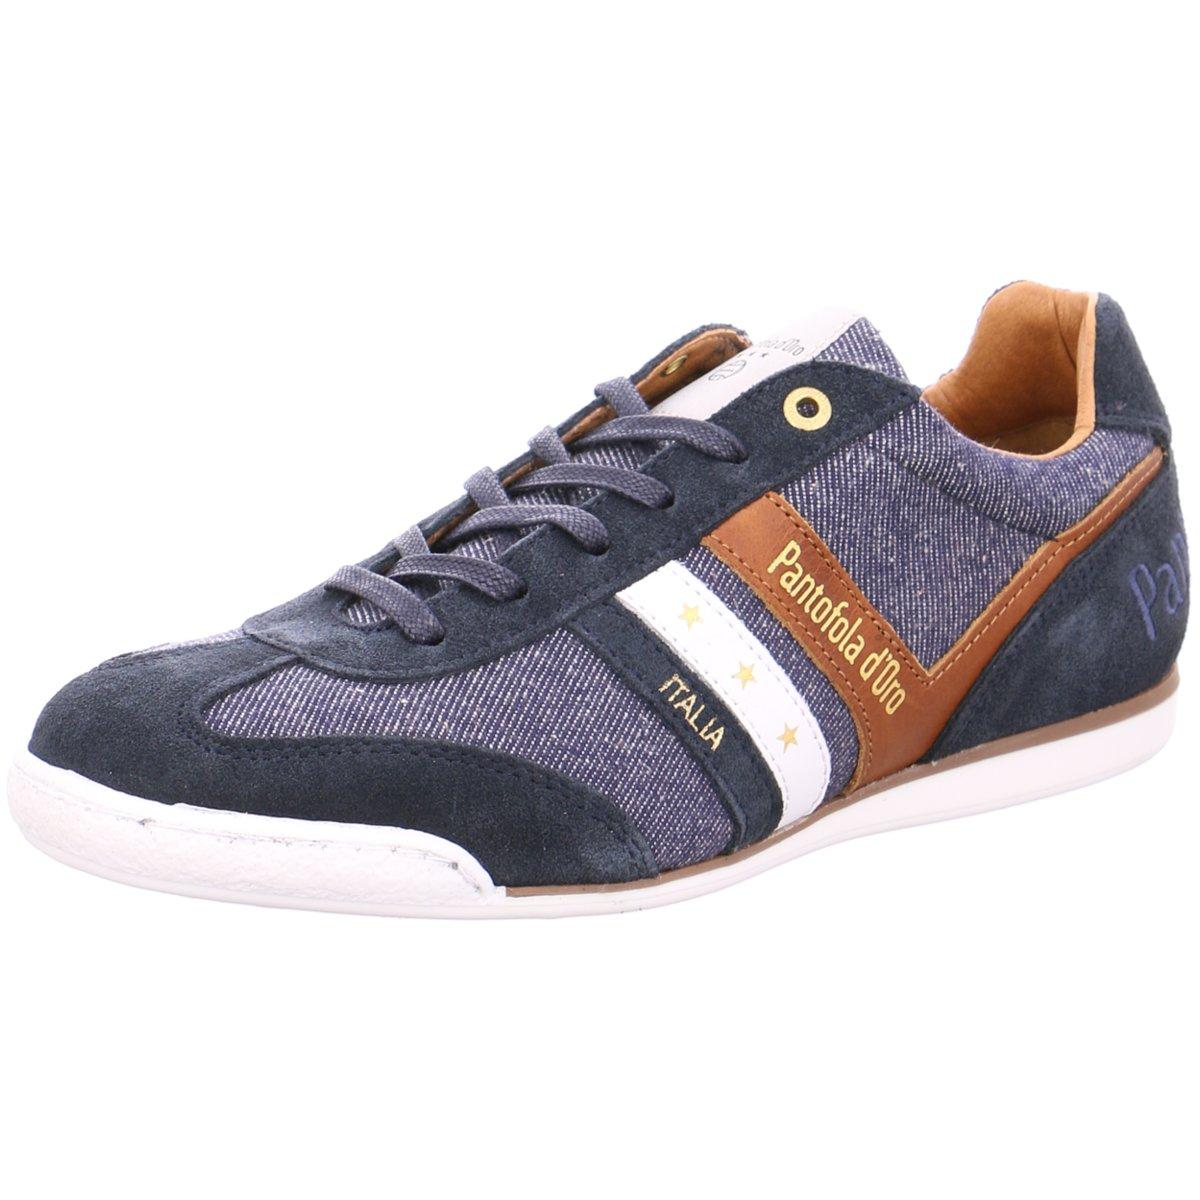 NEU Pantofola d` Oro Herren Sneaker 10181 1027 blau 410961